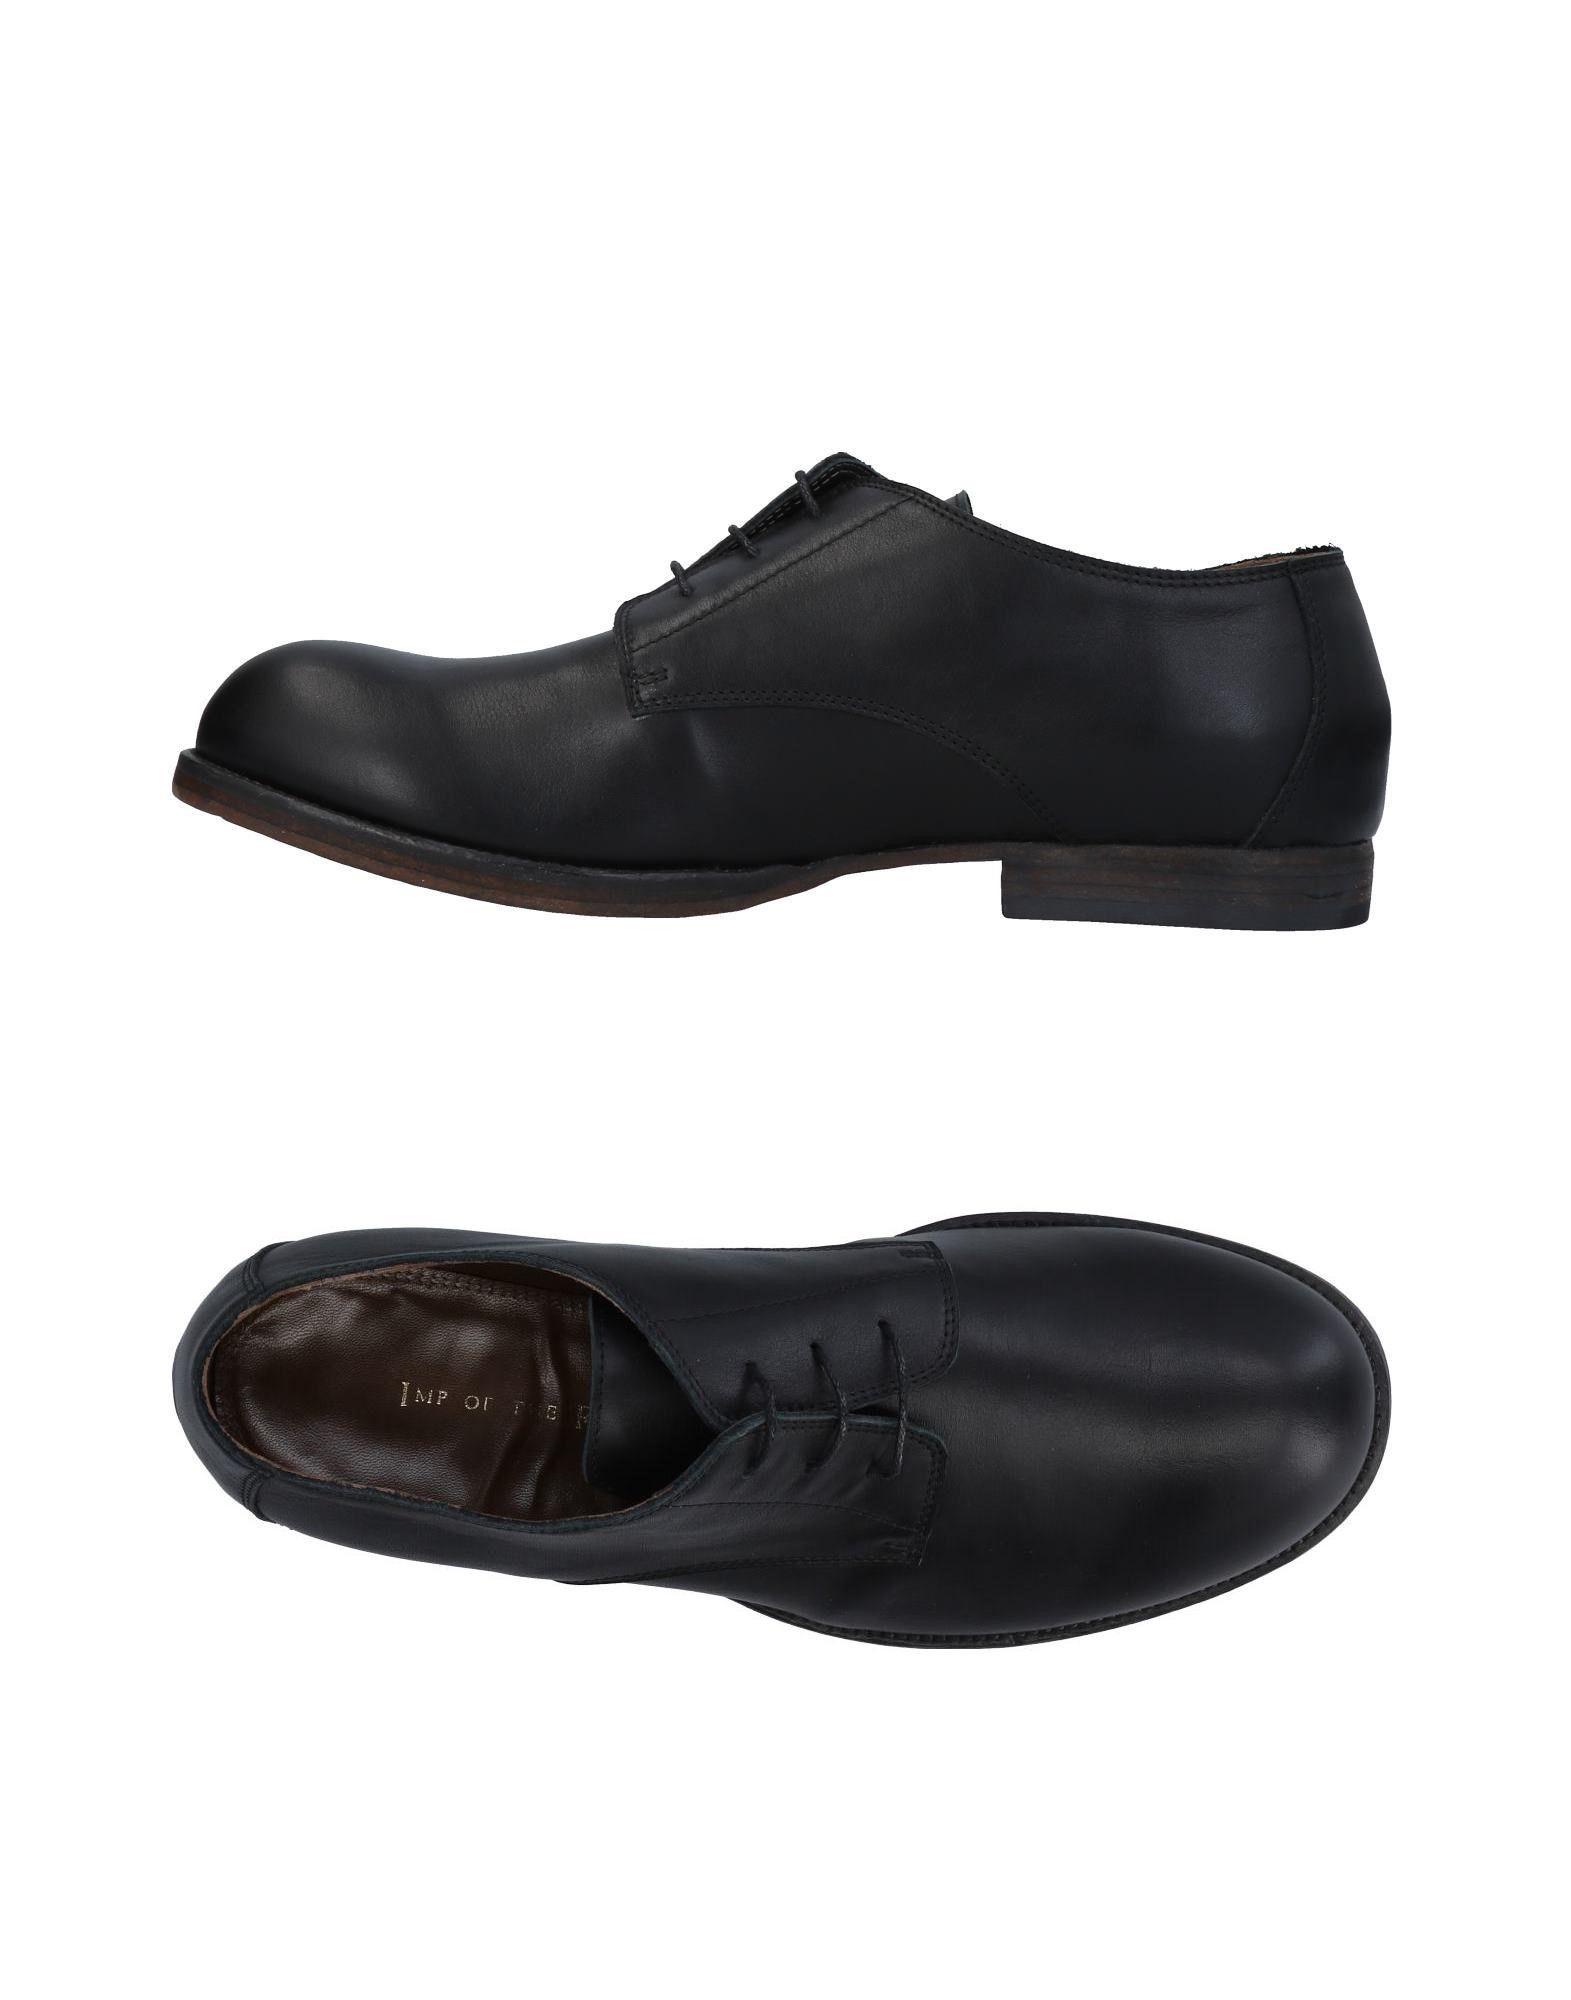 IMP OF THE ROSES Обувь на шнурках цены онлайн